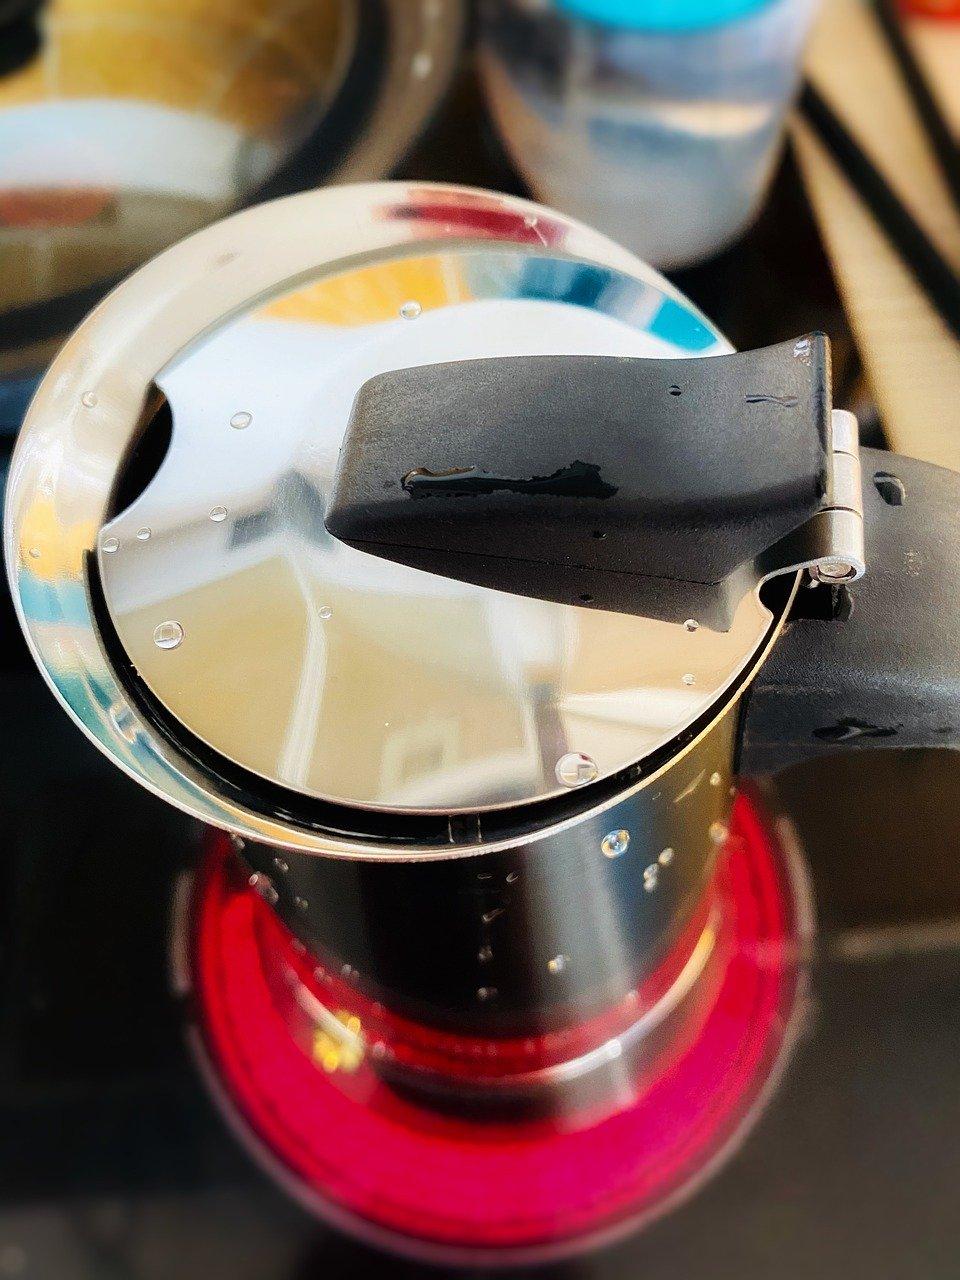 Solche kleinen Kaffeekannen aus Alu, können auch auf den Herd gestellt werden.